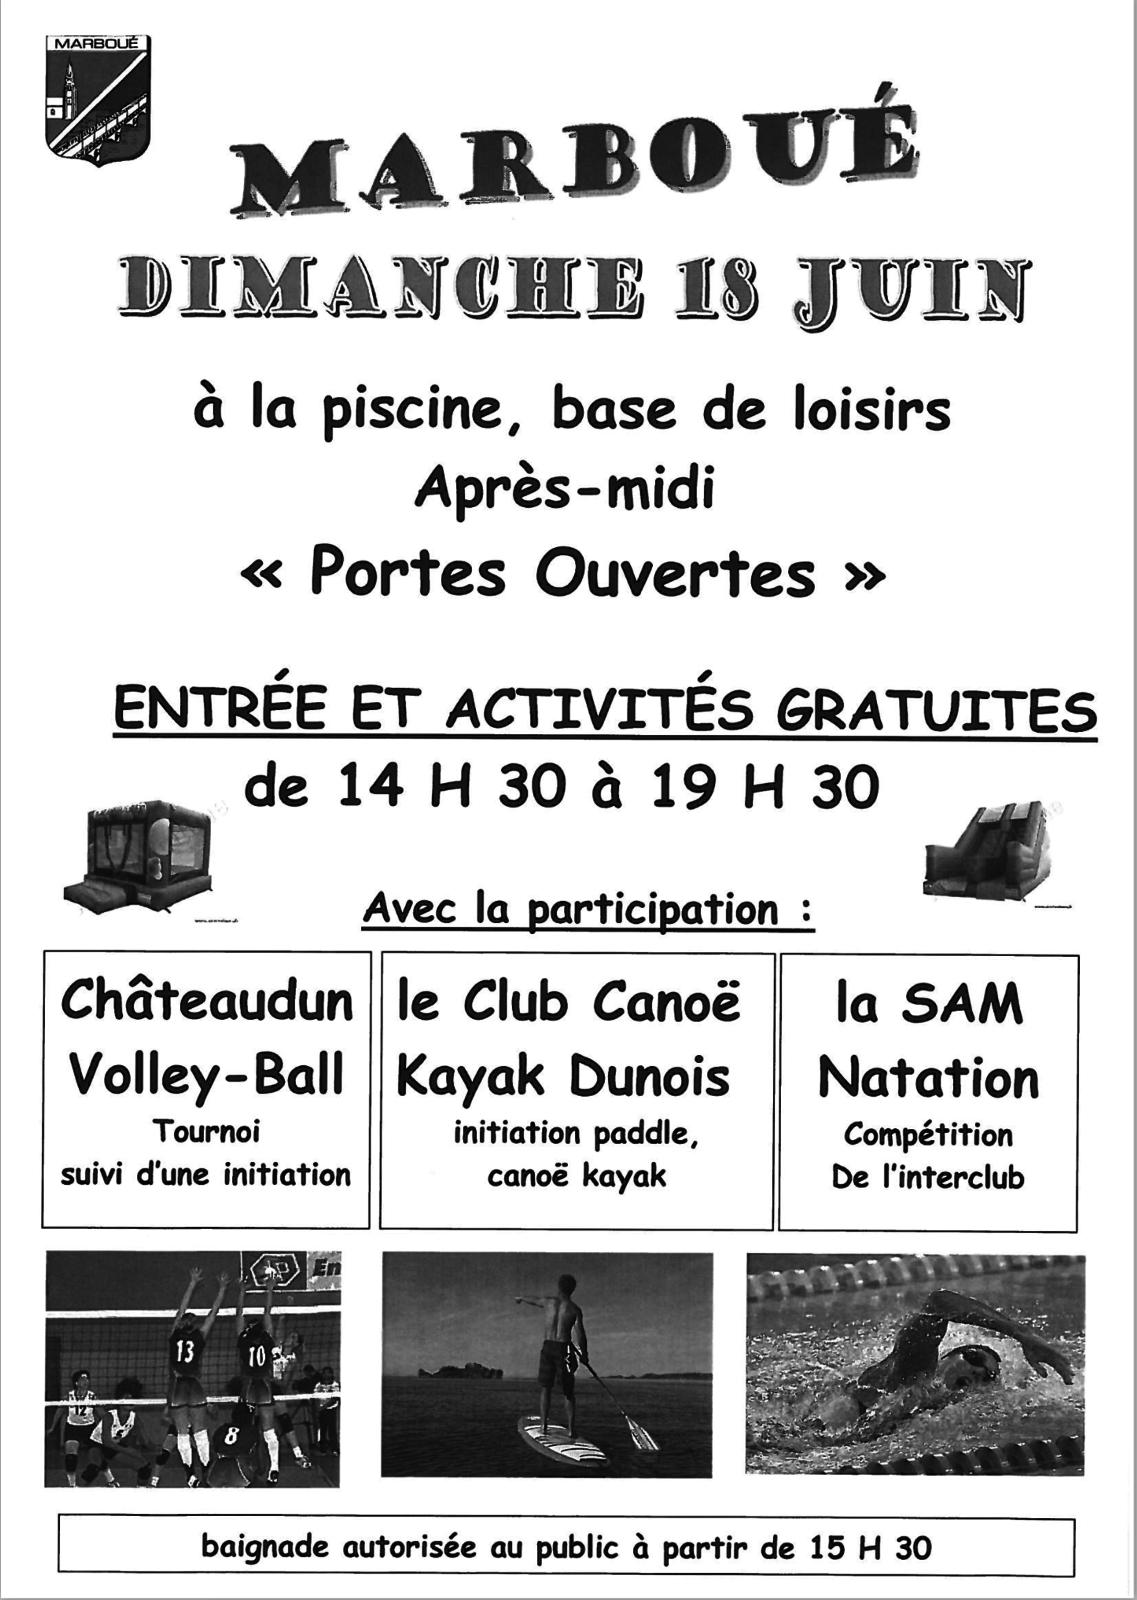 Marboué, portes ouvertes ce dimanche à la piscine